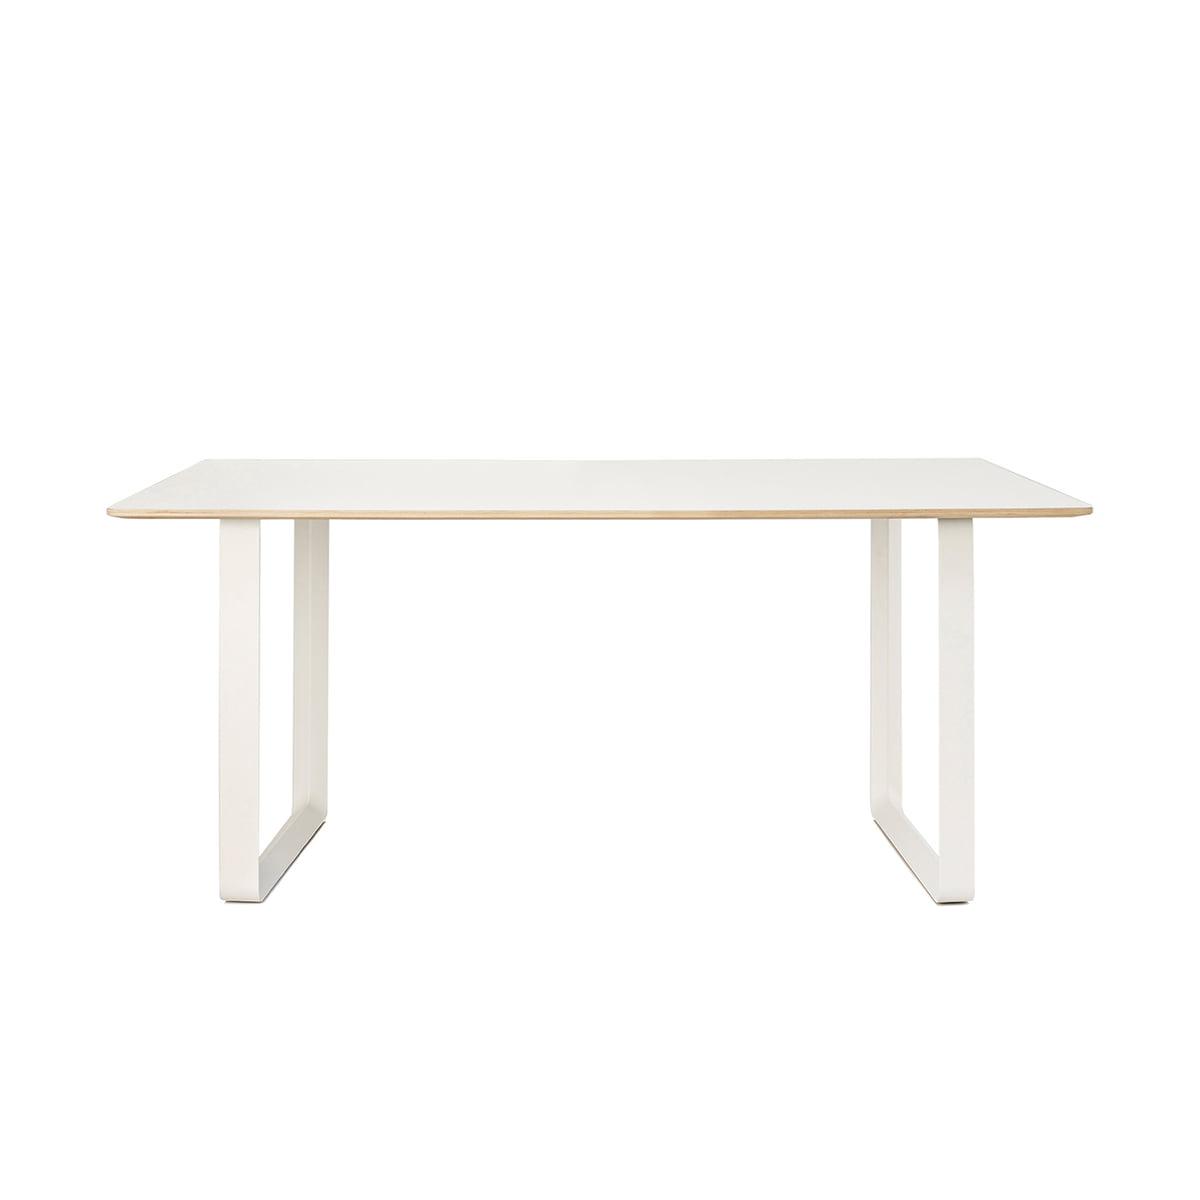 Muuto - 70/70 Esstisch, 170 x 85 cm, weiß (Laminat)   Baumarkt > Bodenbeläge > Laminat   Weiß   Muuto